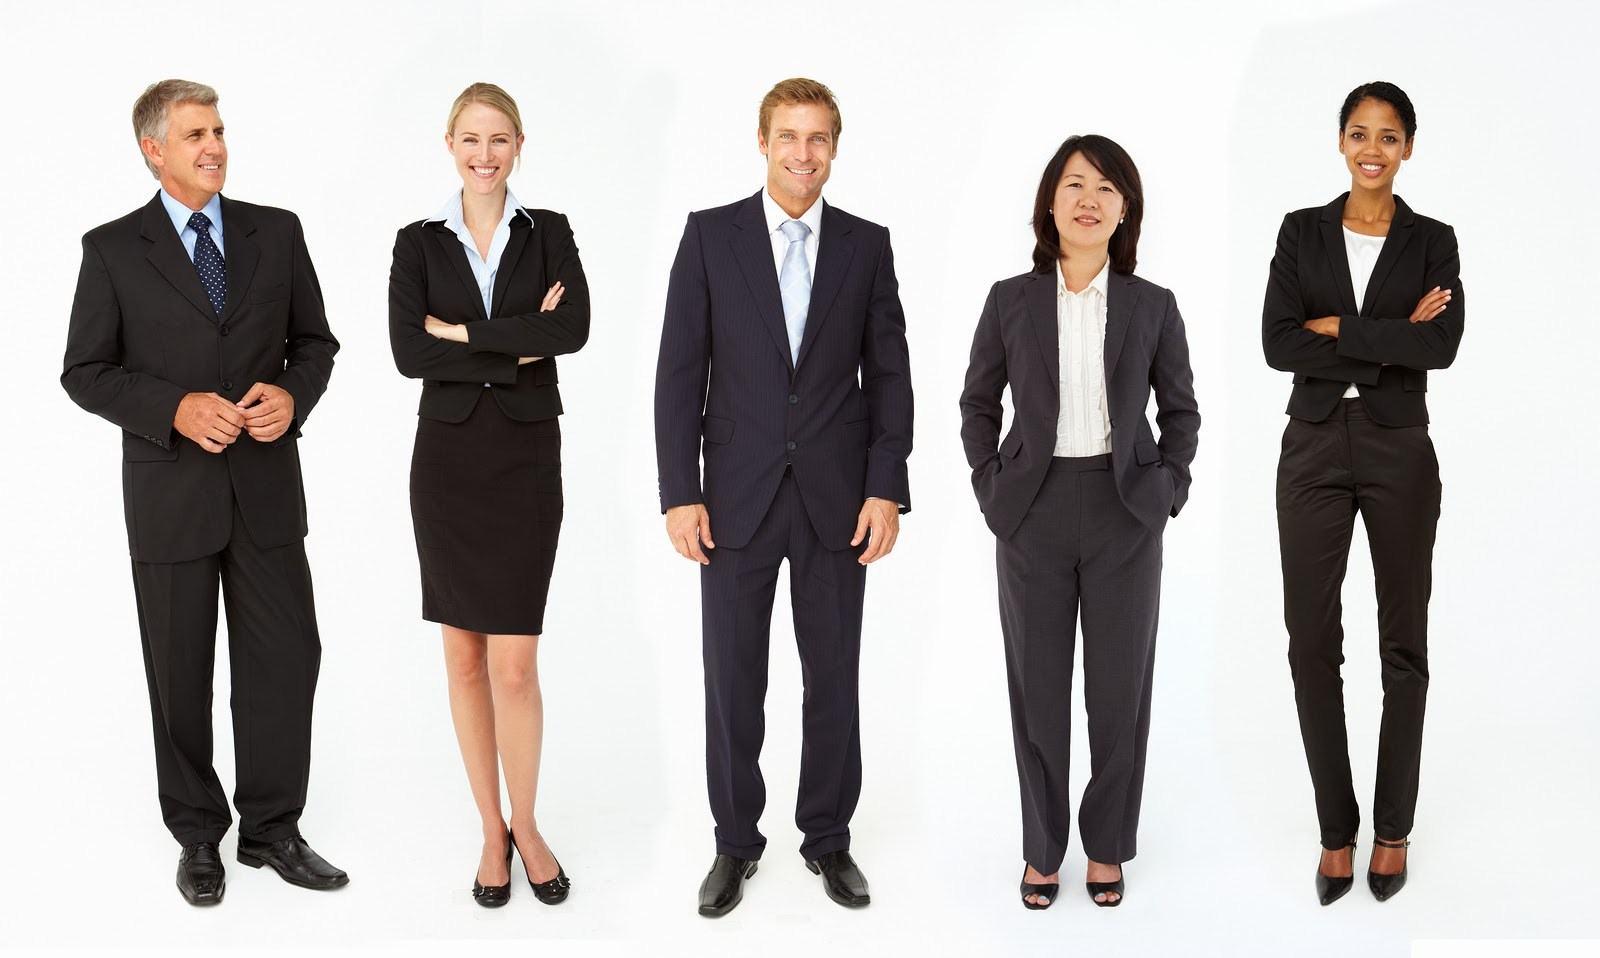 9 Tips Hữu Ích Dành Cho Buổi Phỏng Vấn Nhân Viên Marketing - image Dress-For-Success on https://atpsoftware.vn